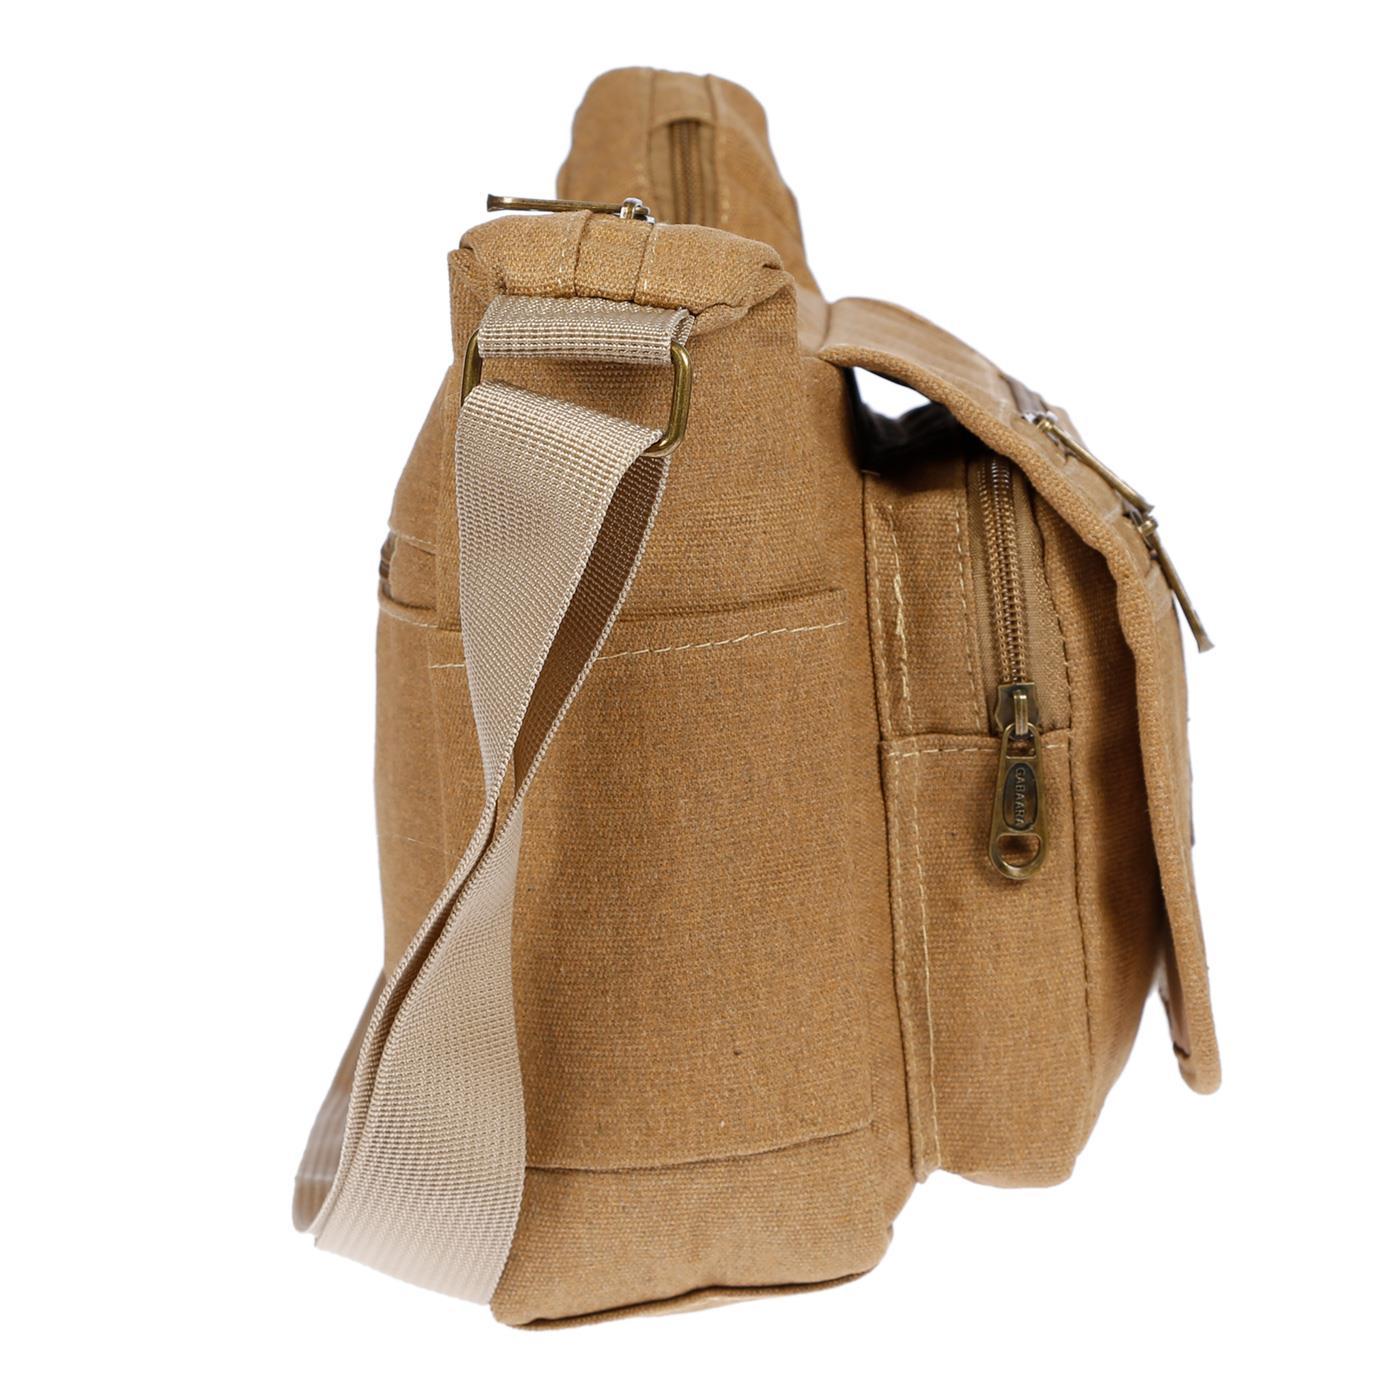 Damen-Tasche-Canvas-Umhaengetasche-Schultertasche-Crossover-Bag-Damenhandtasche Indexbild 45